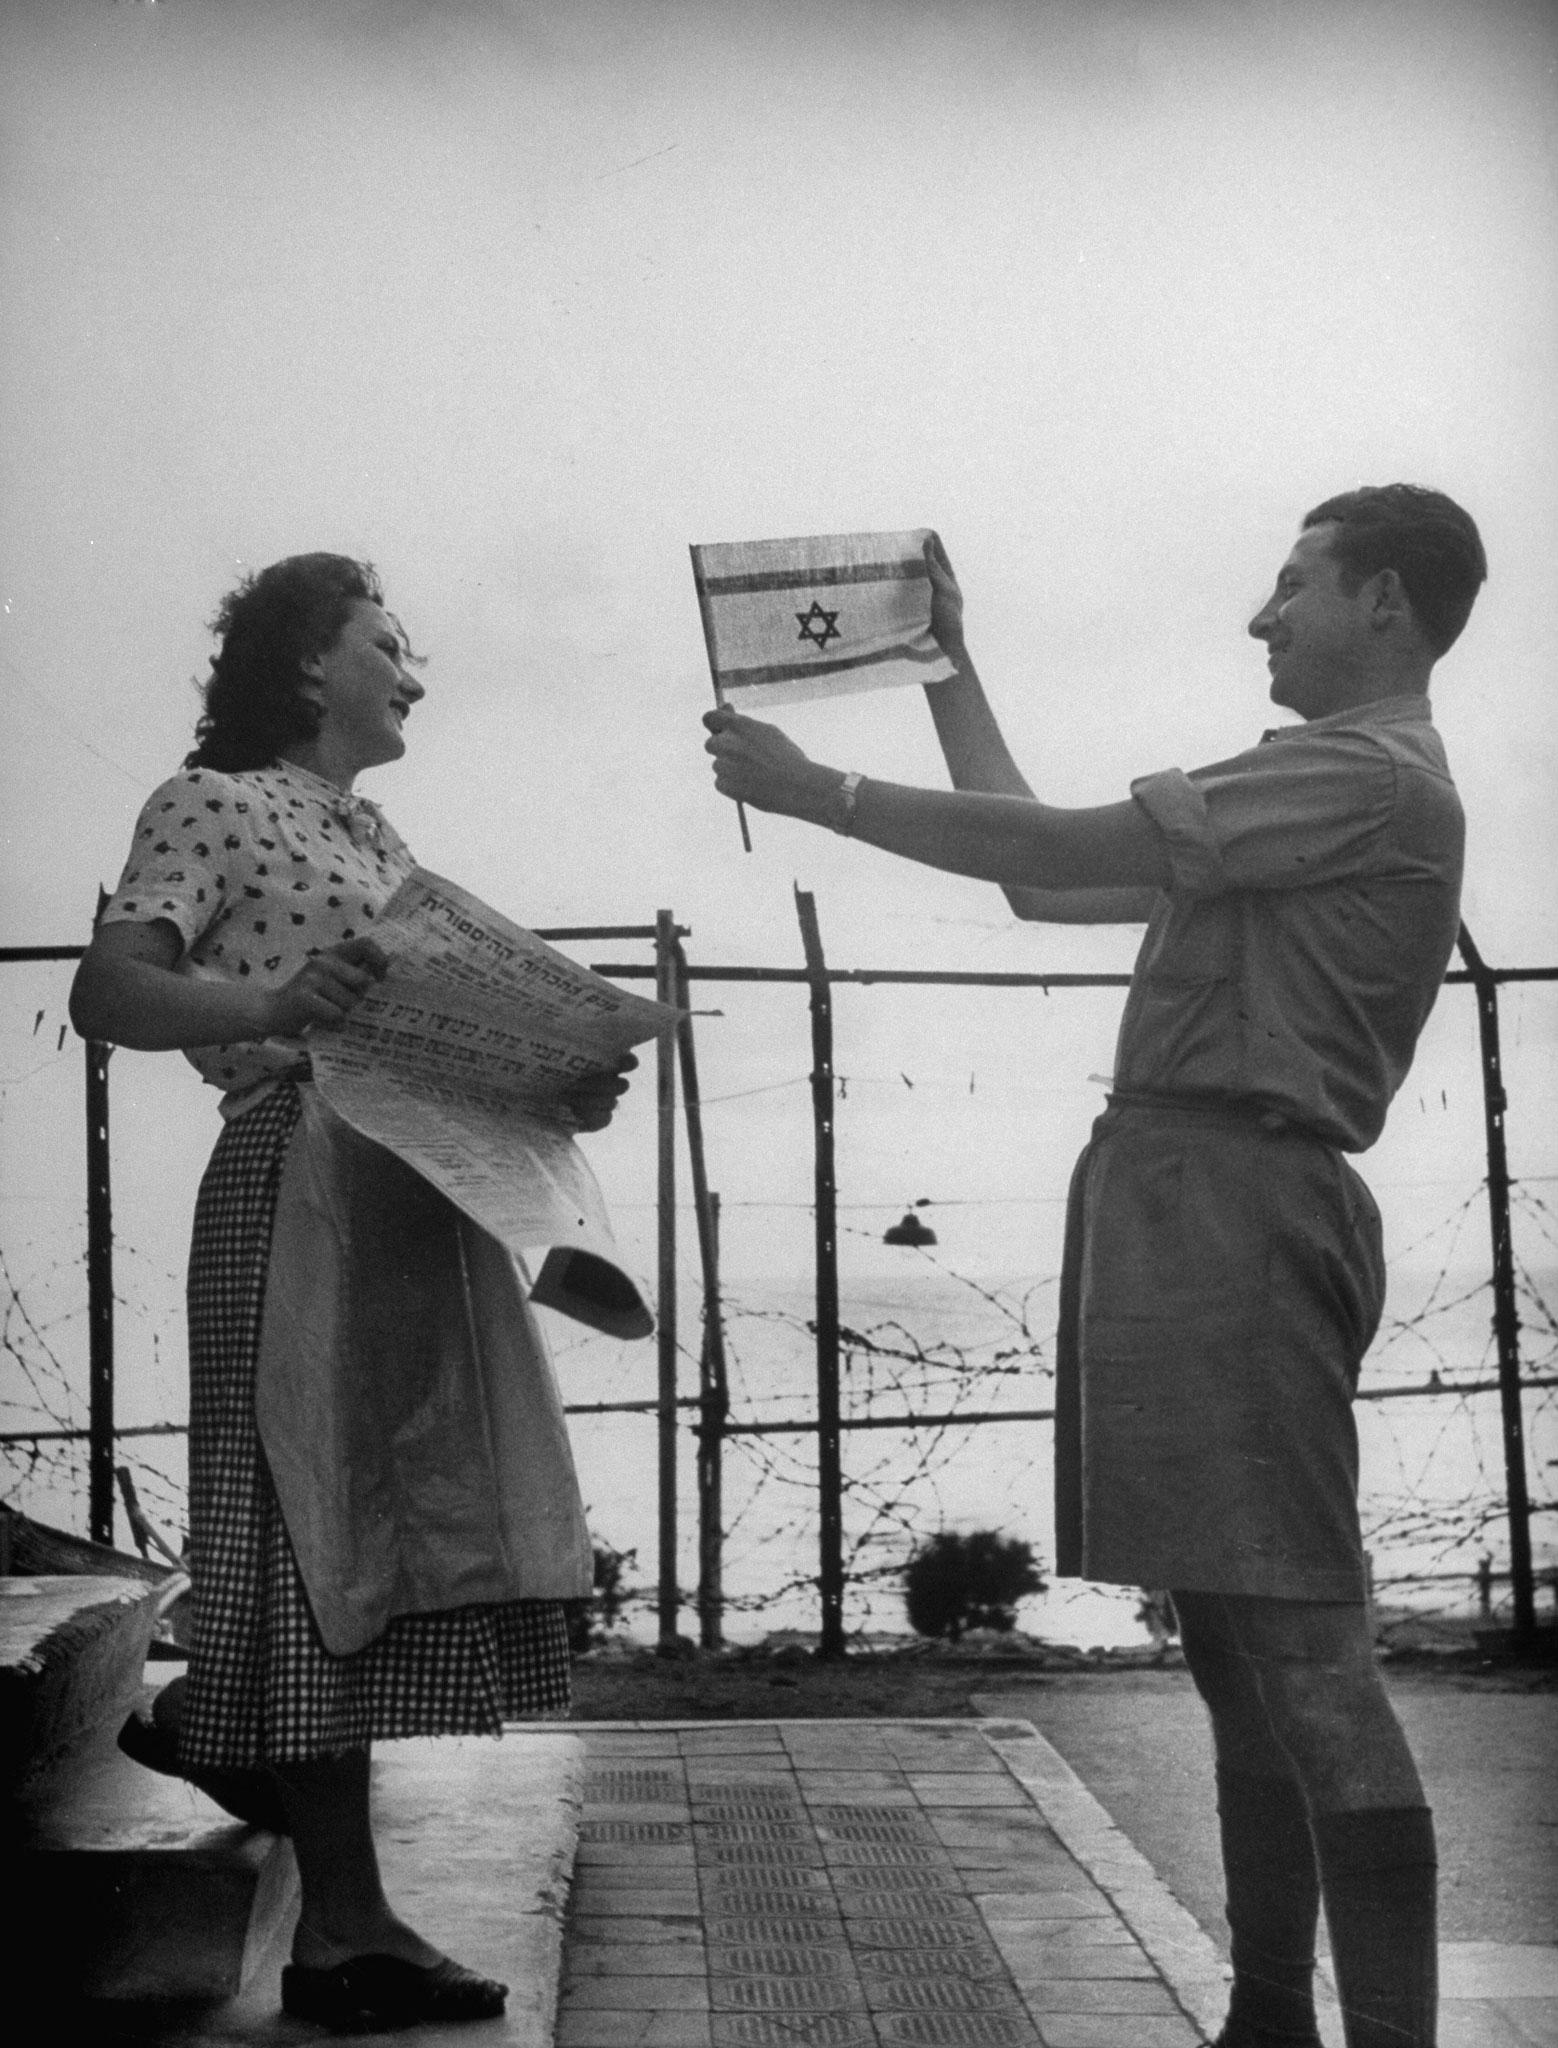 Демонстрация израильского флага в день объявления независимости